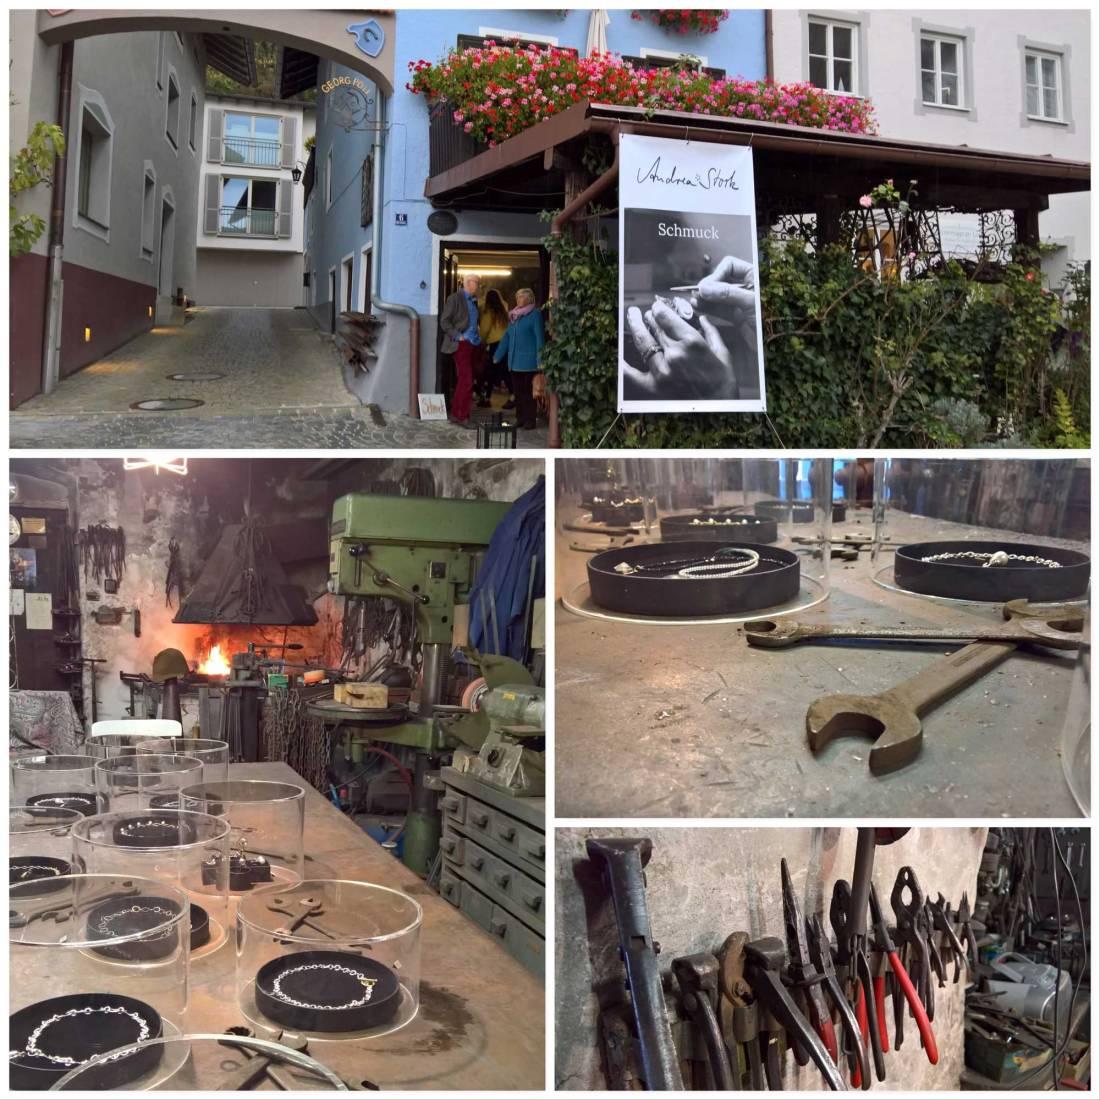 Ausstellung-alte-Schmiede-Neubeuern-Nov-2017-2000